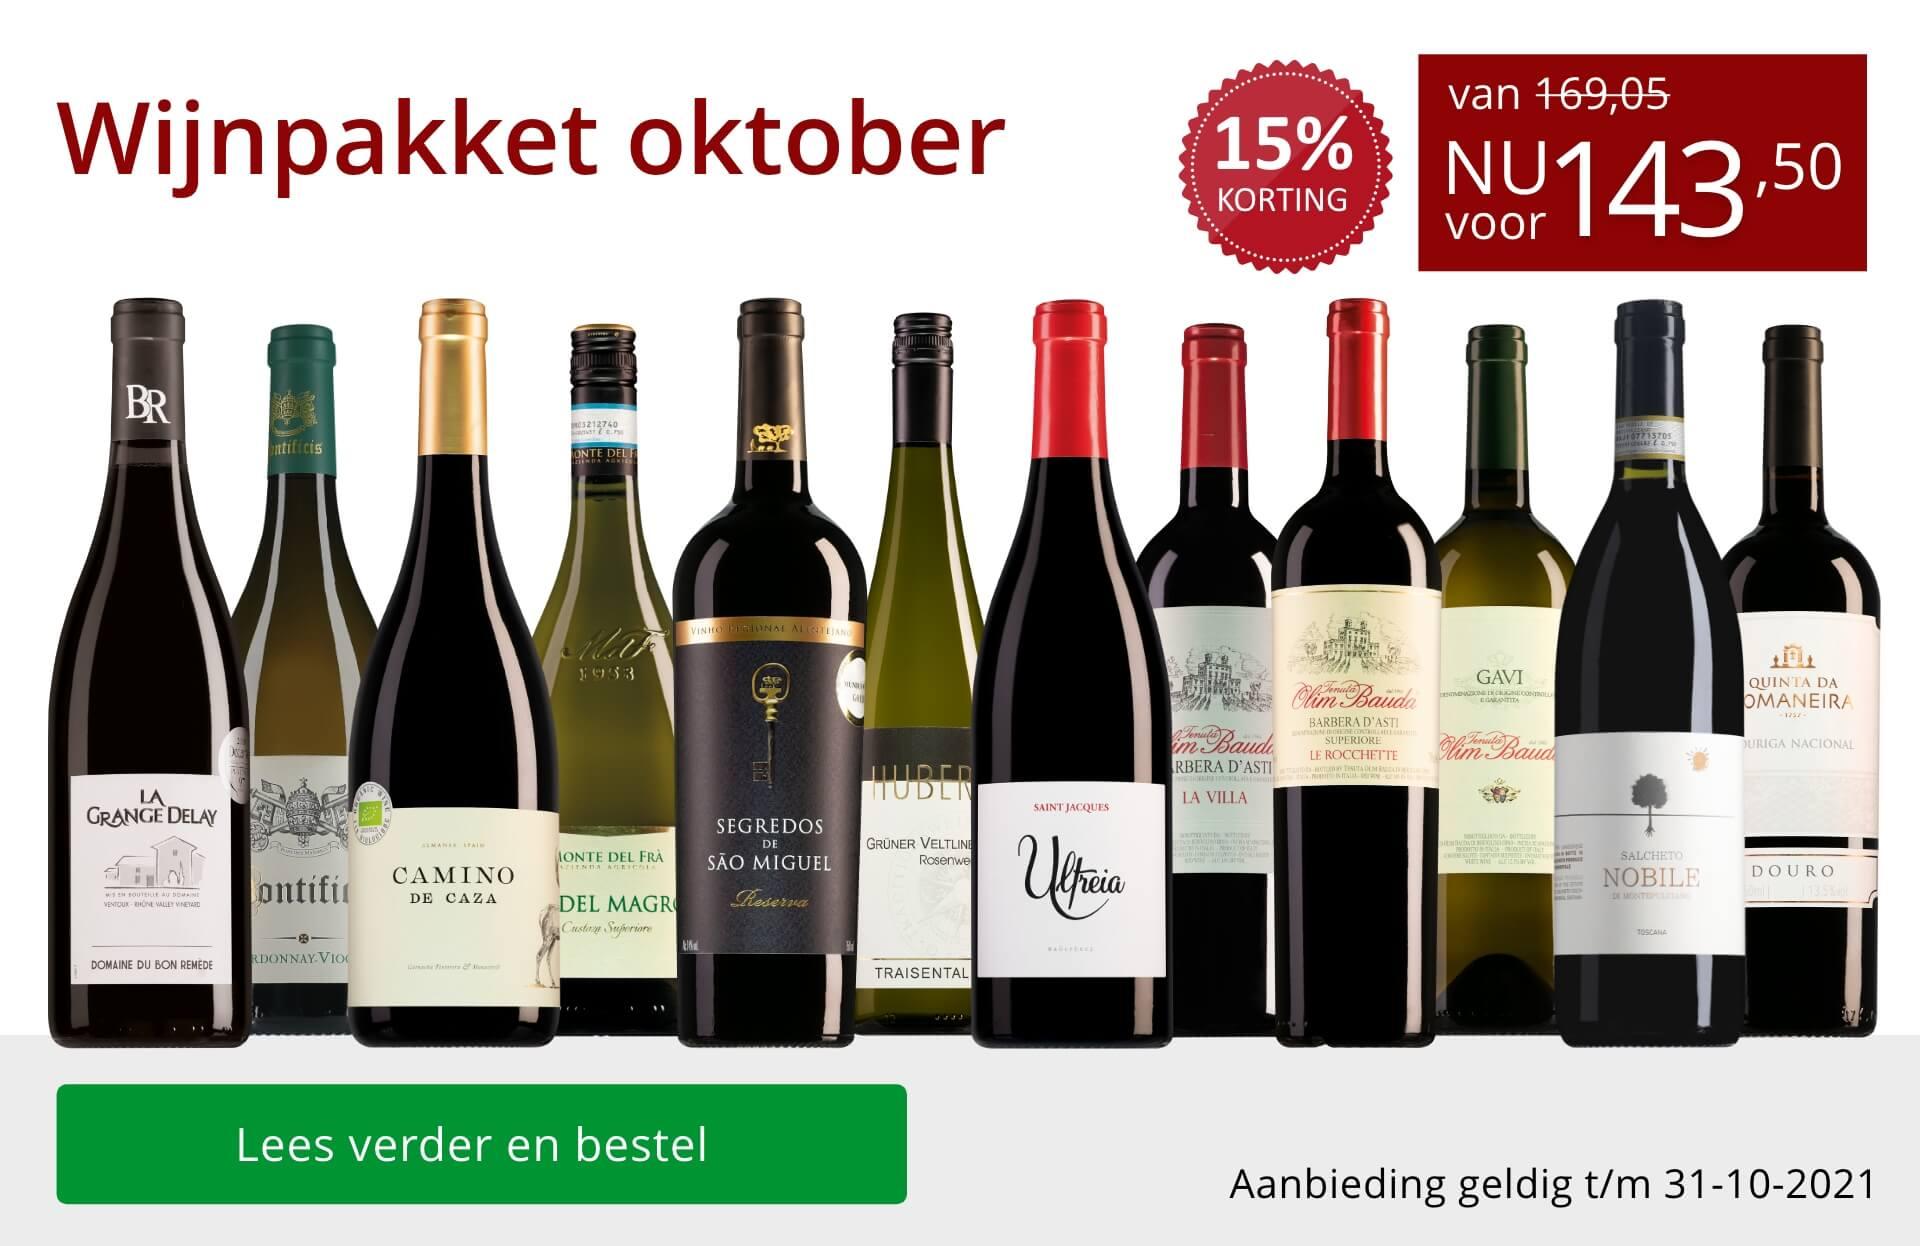 Wijnpakket wijnbericht oktober 2021 - rood